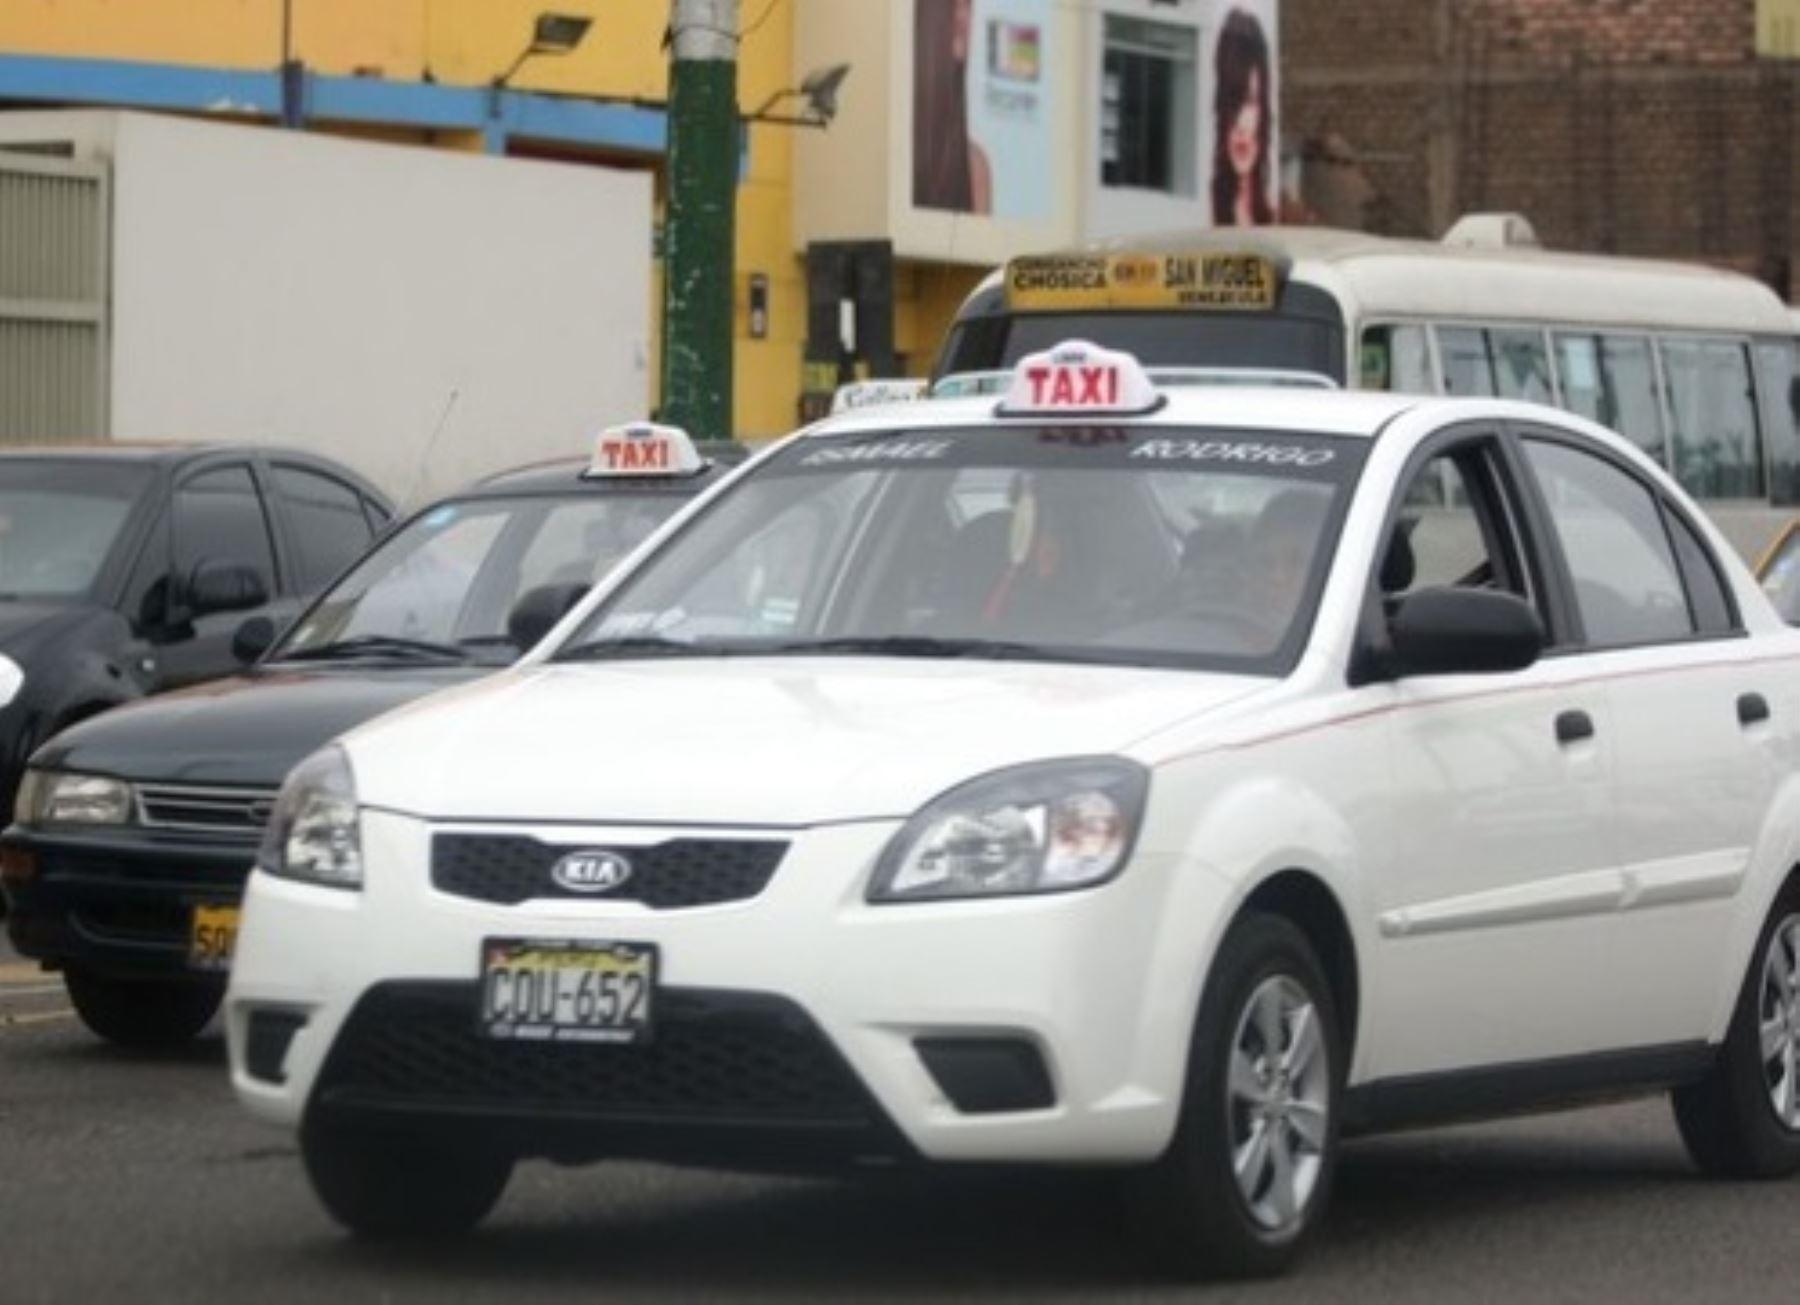 Taxis en una avenida de Lima, Perú. Foto: Autoridad de Transporte Urbano de Lima y Callao (ATU)